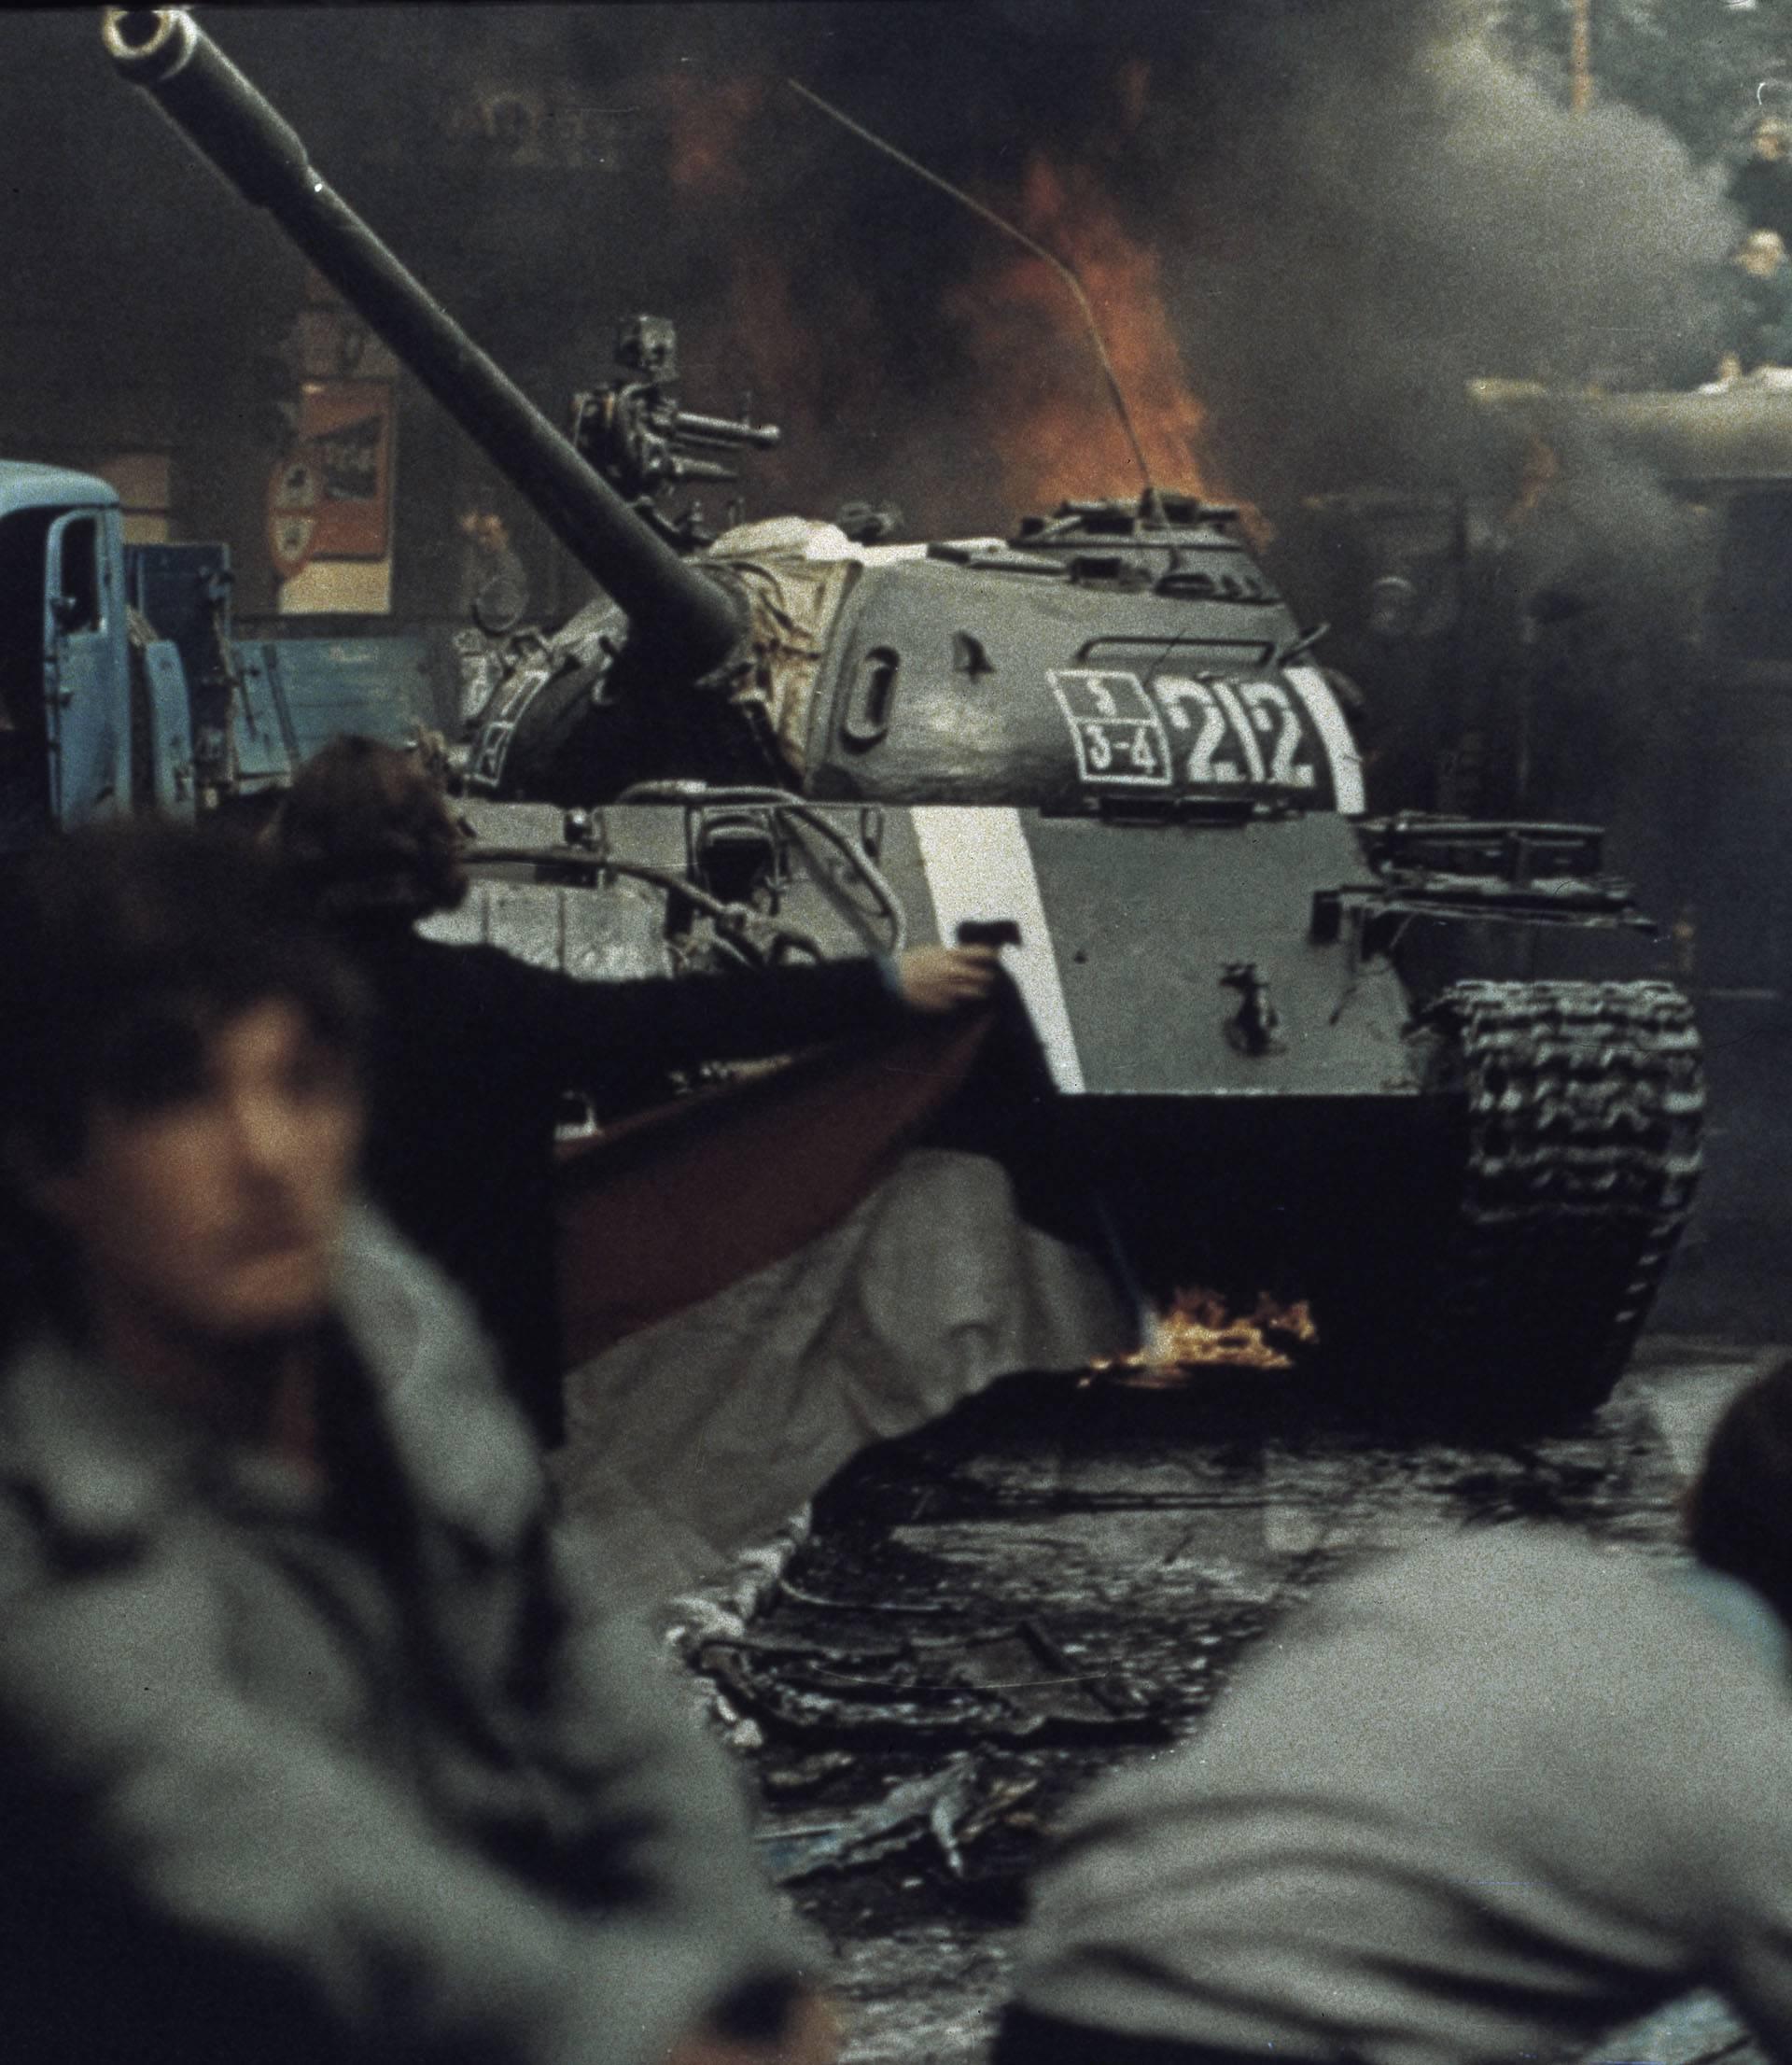 Prag 1968, Brennende Panzer in Prag